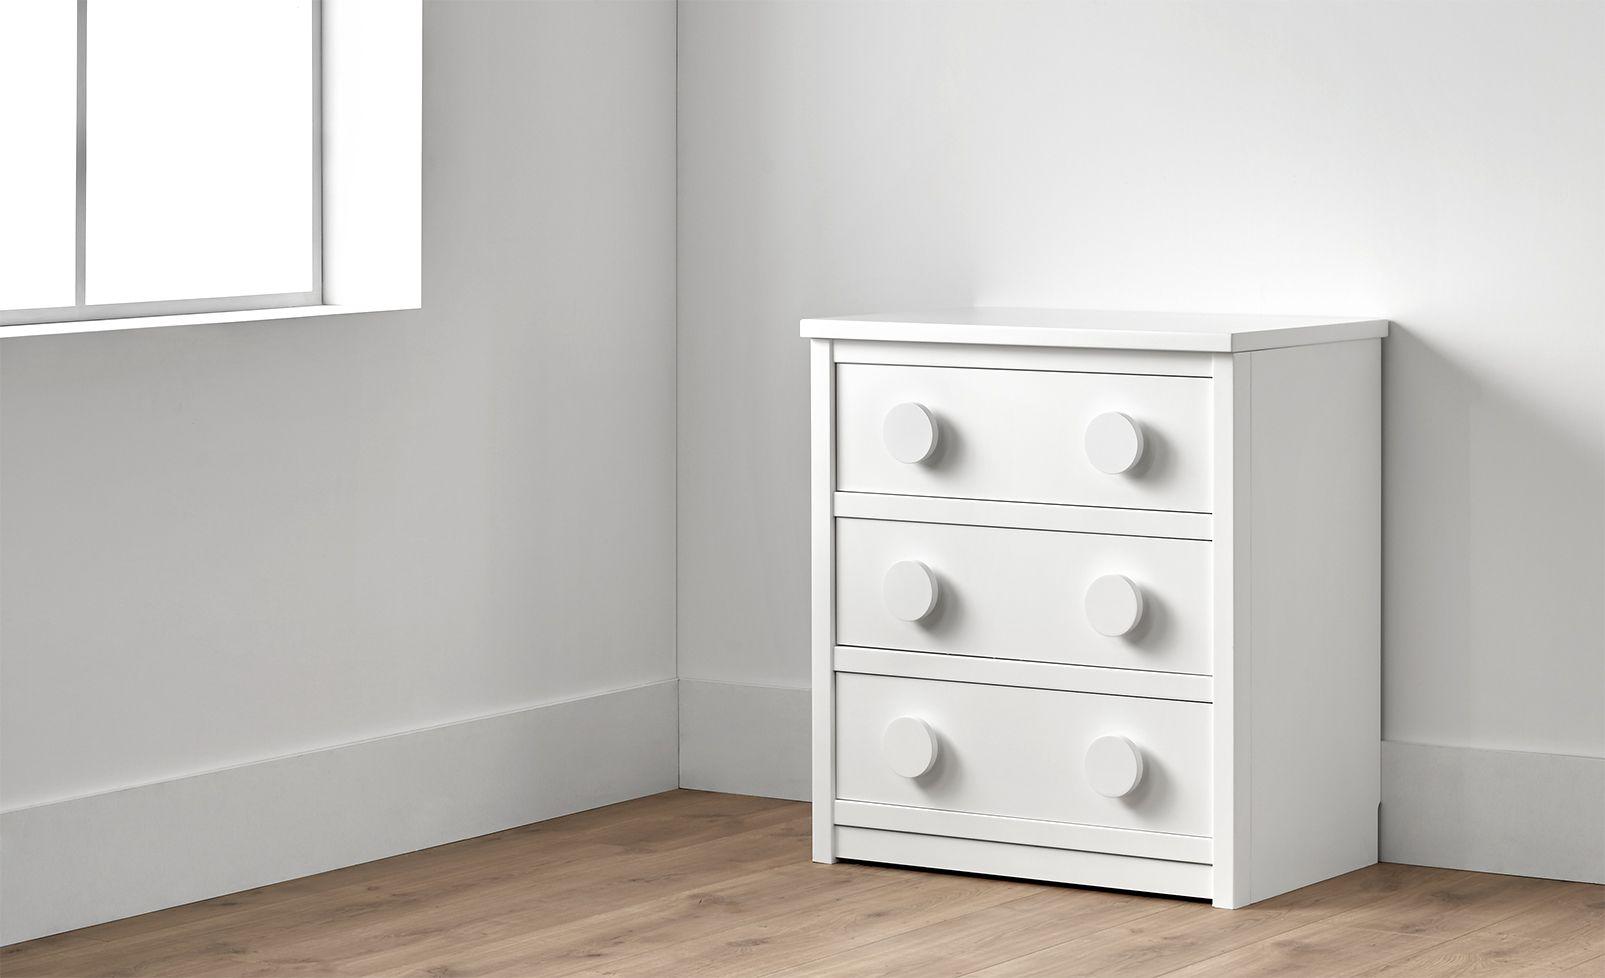 Chiffonier con tres cajones en color blanco